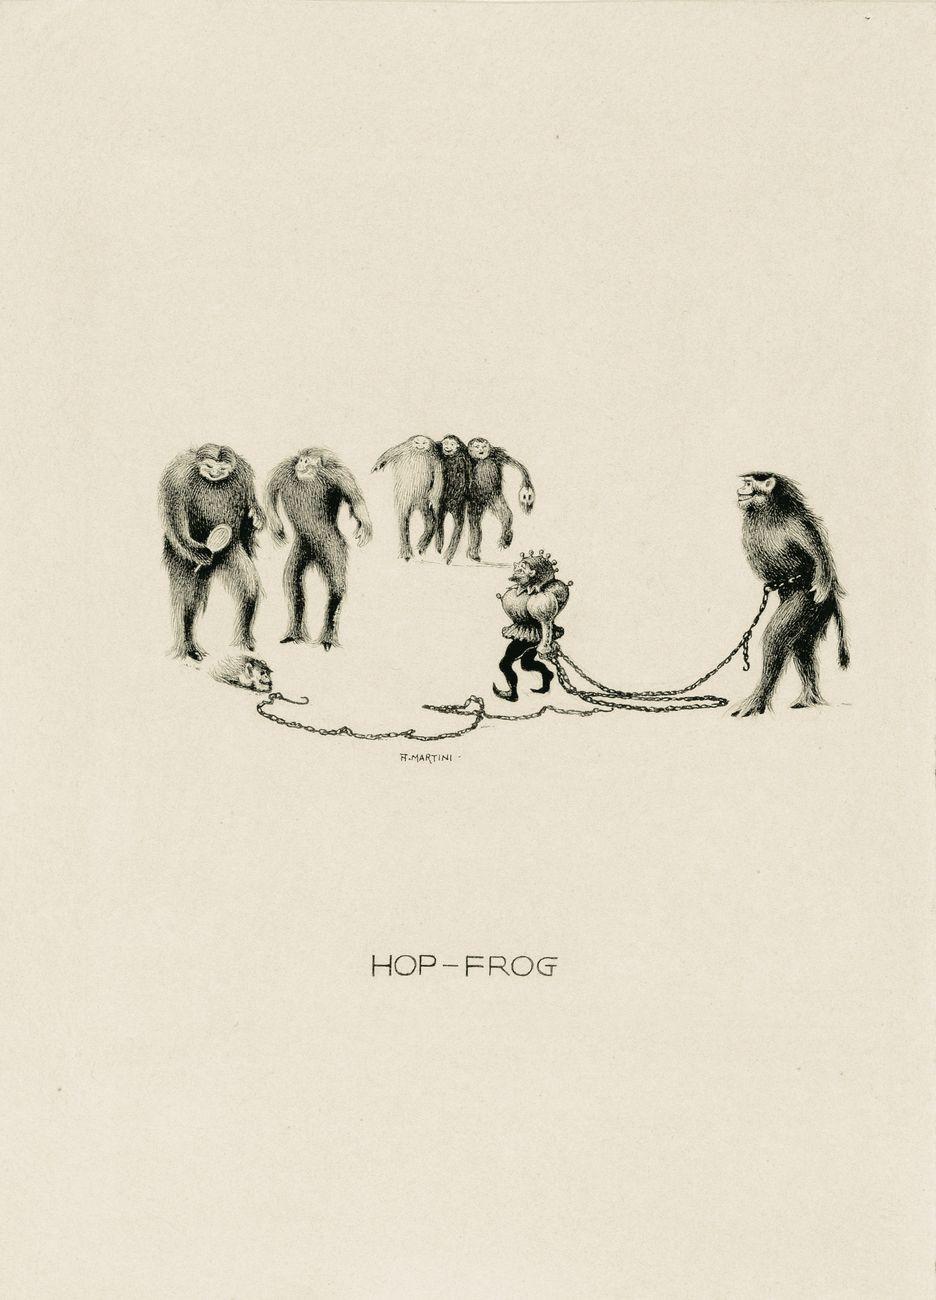 Alberto Martini, Hop Frog, illustrazione per i Racconti di Edgar Allan Poe, 1907. Courtesy Galleria Carlo Virgilio